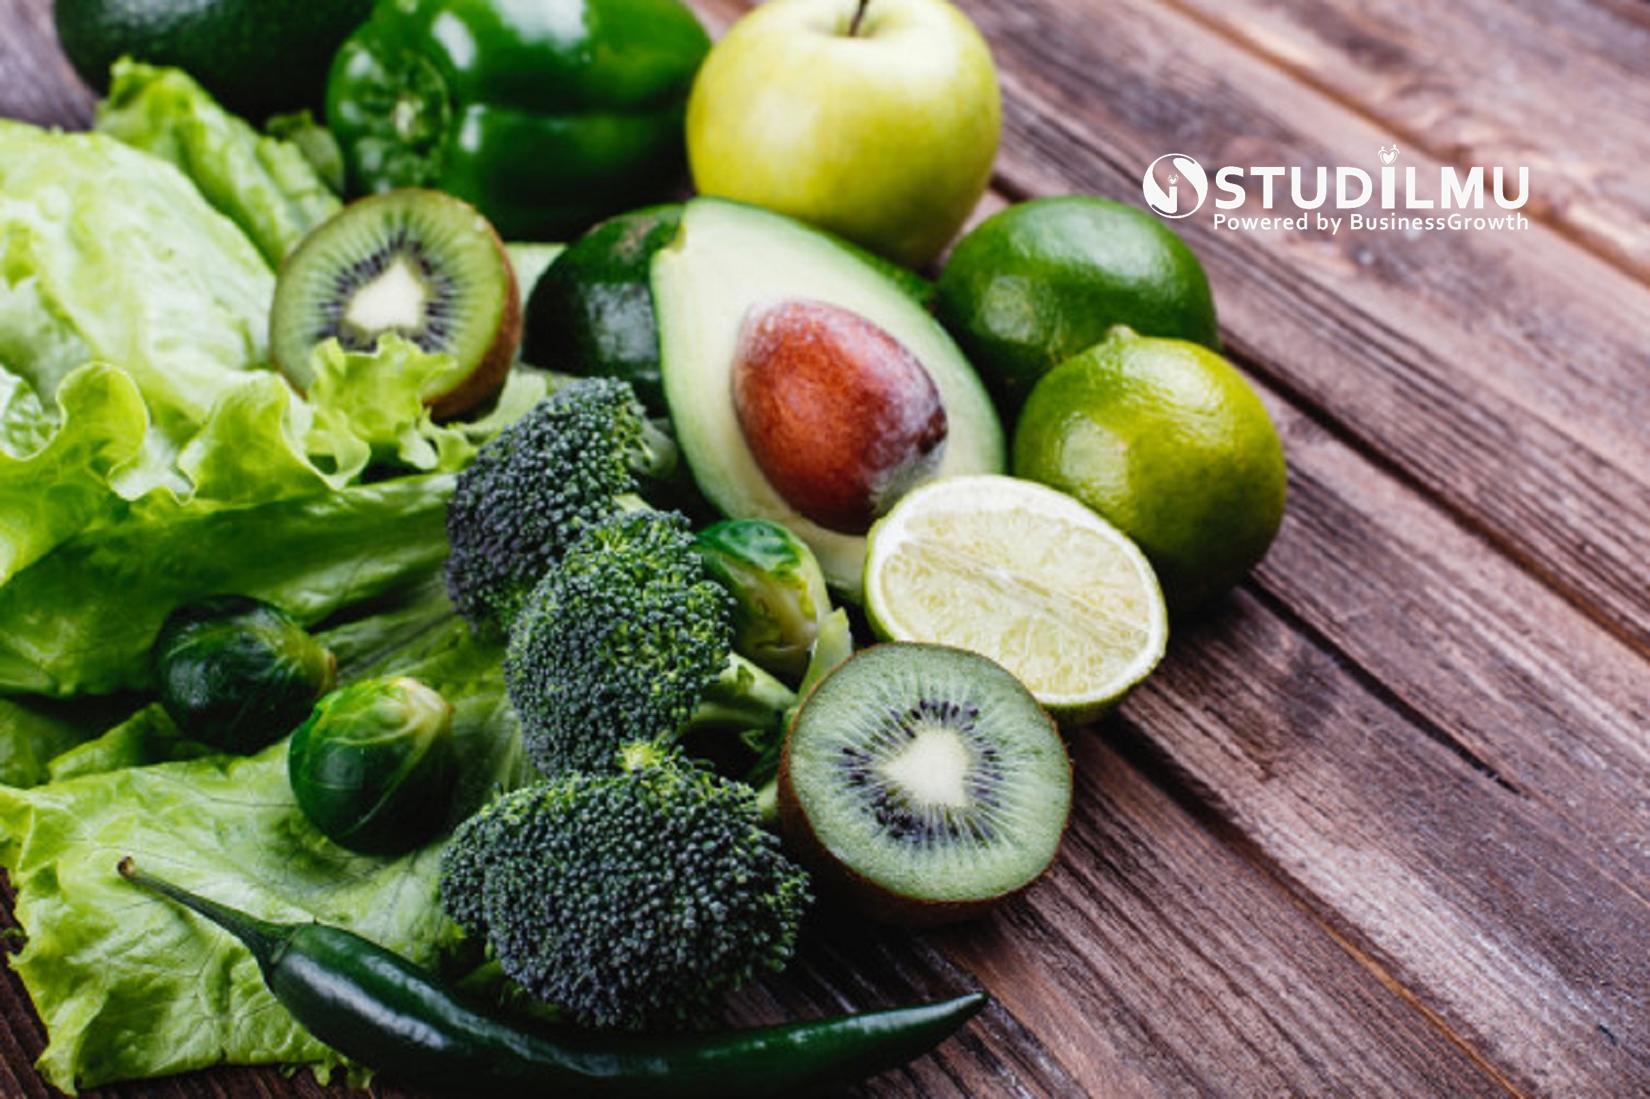 STUDILMU Career Advice - 6 Makanan Sehat Penambah Produktivitas Kerja